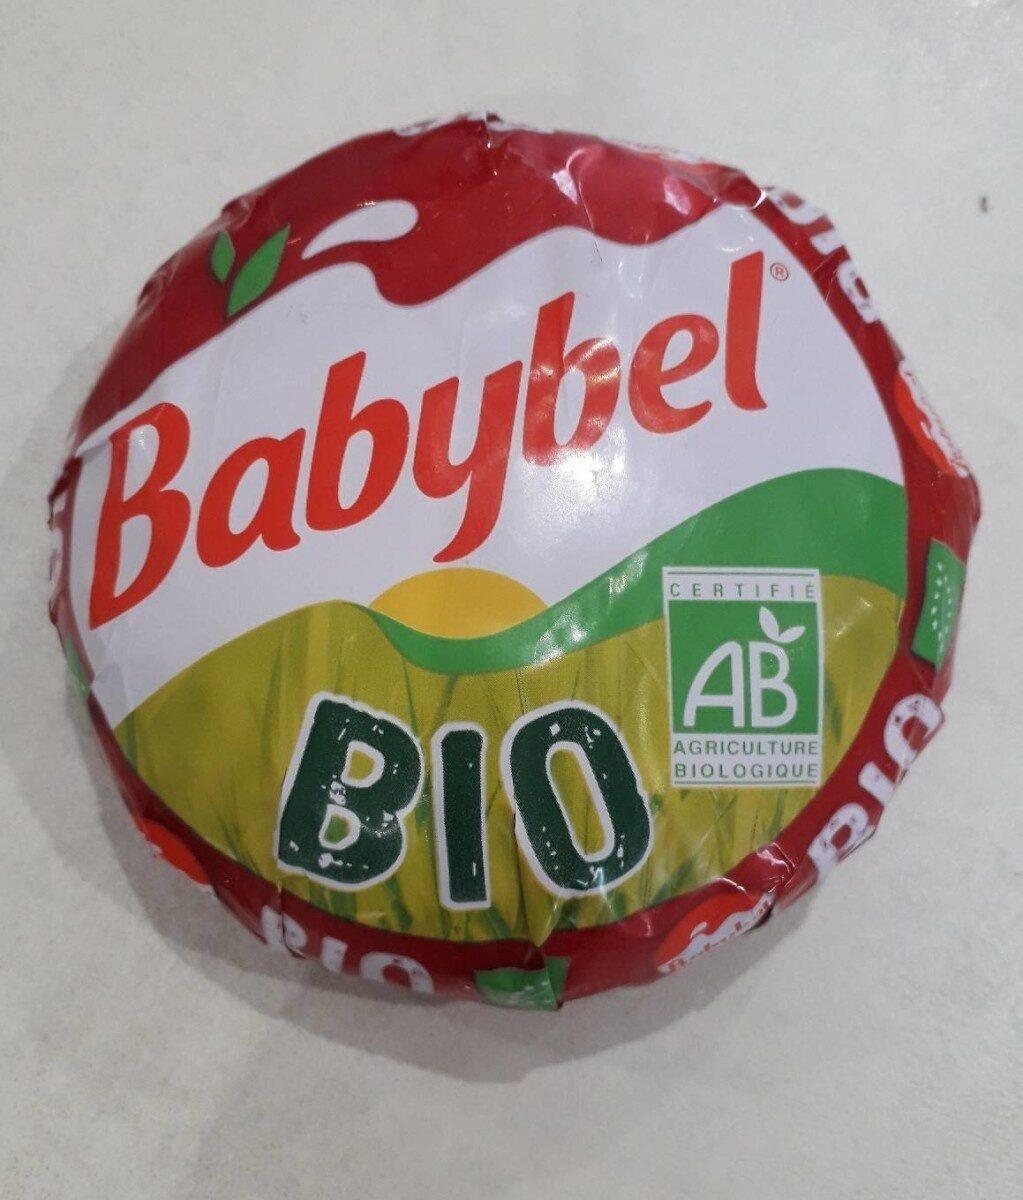 Babybel - Product - fr